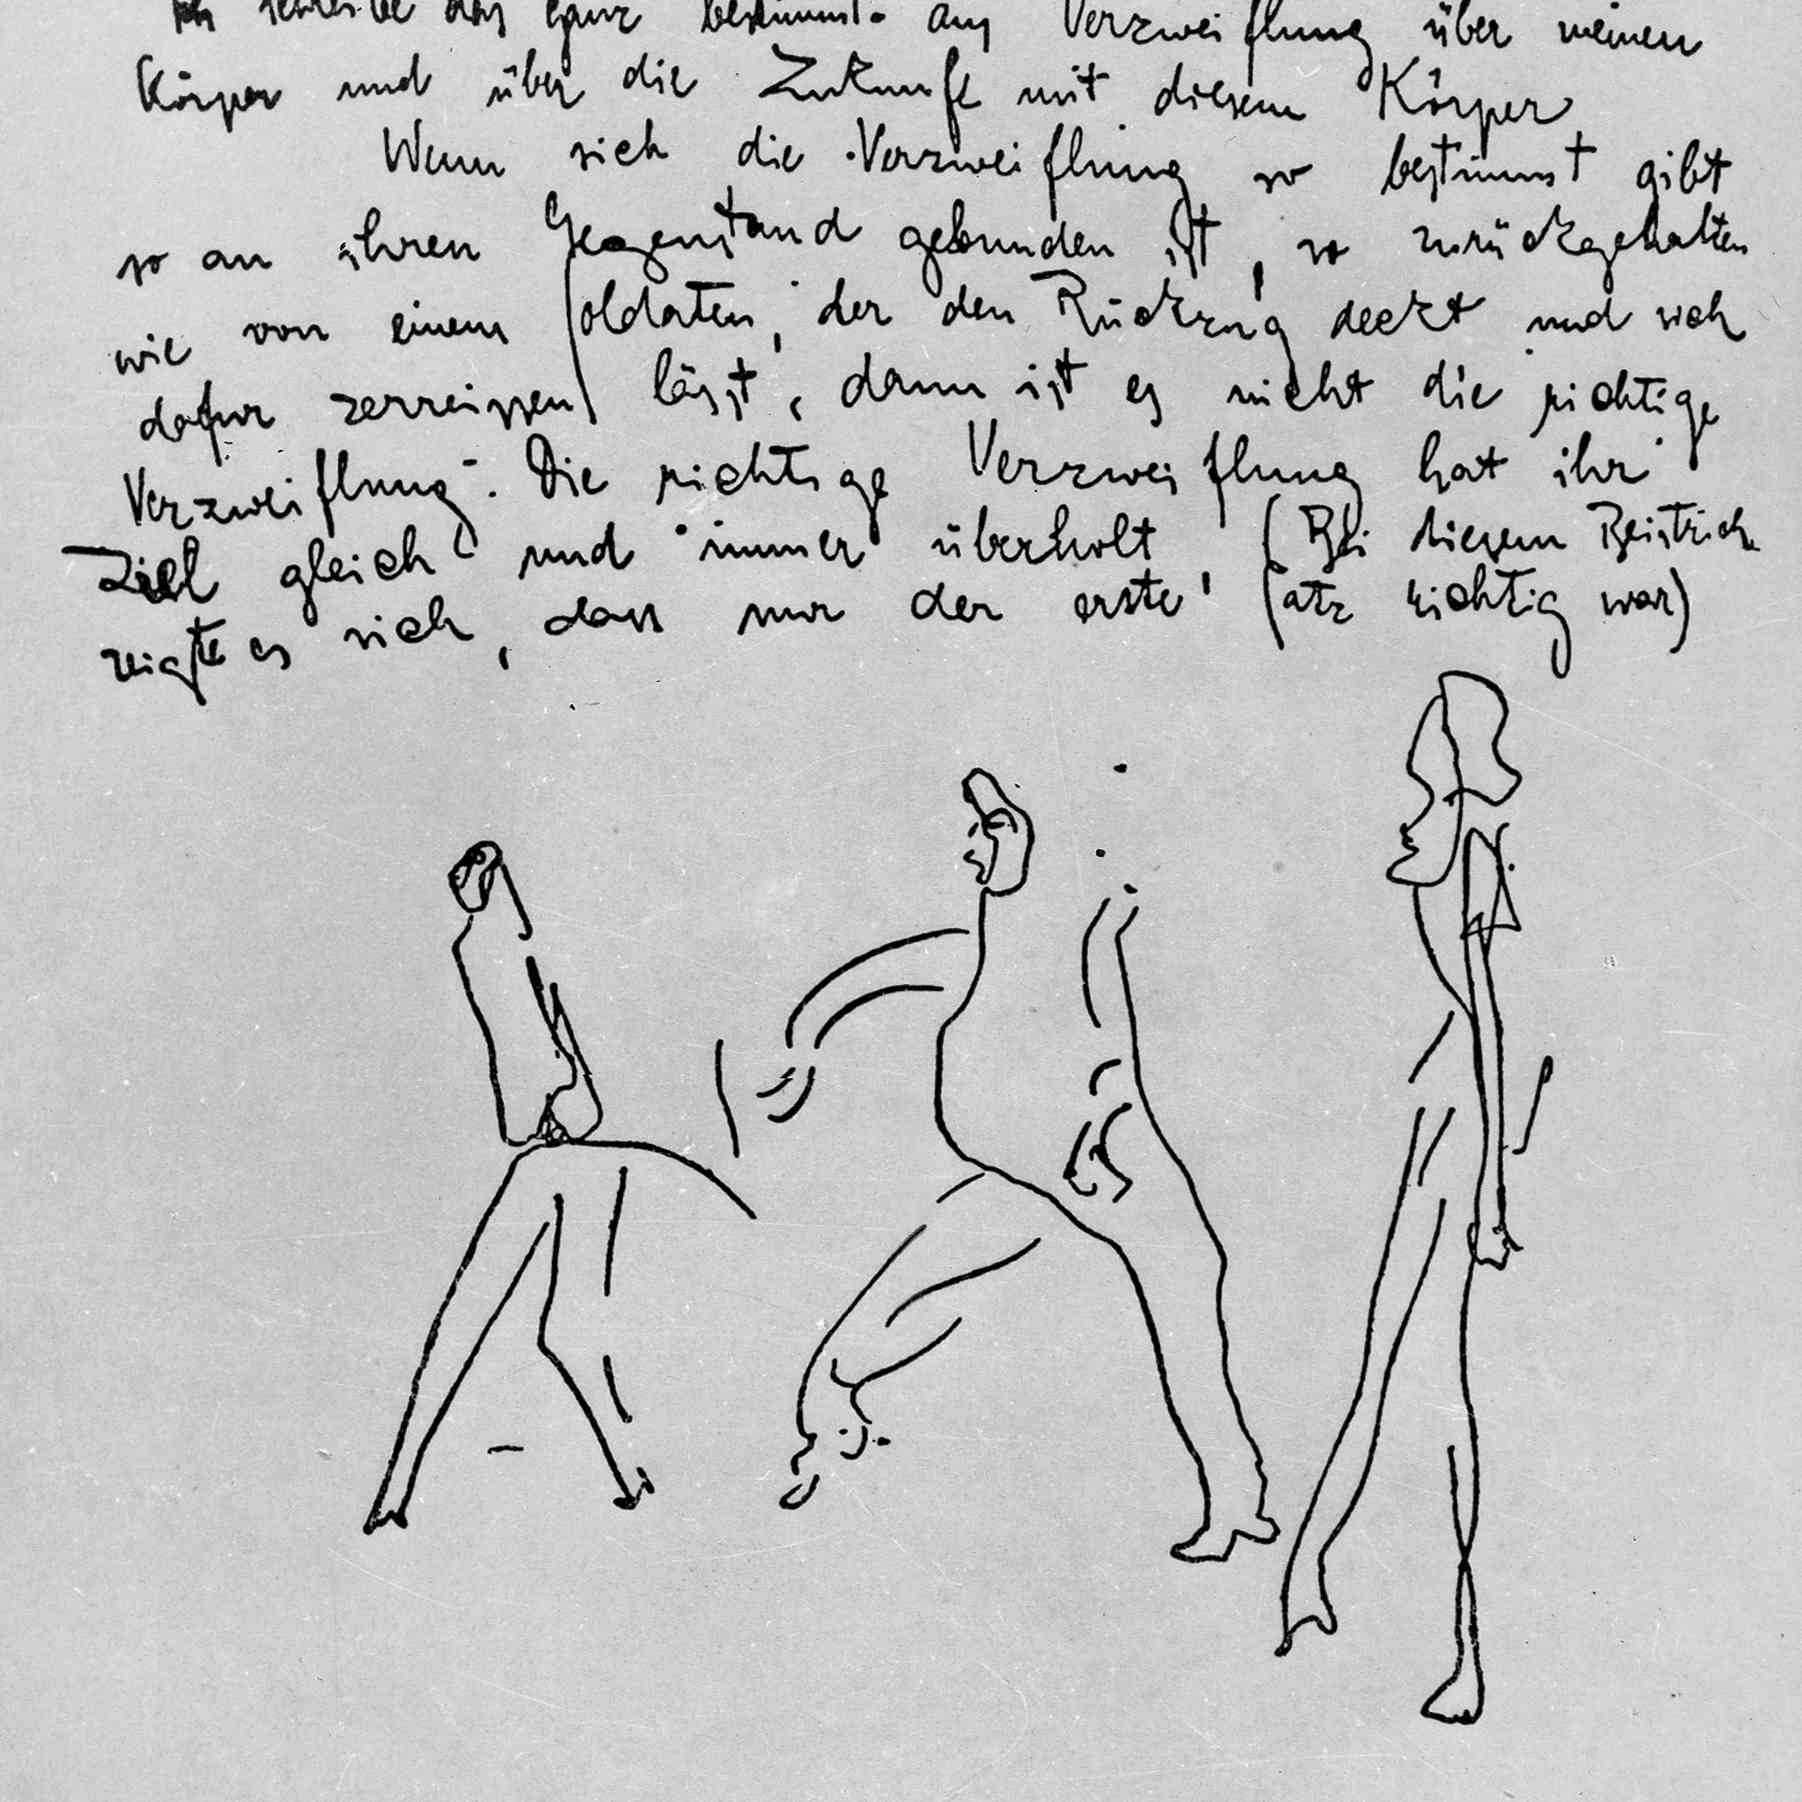 Franz Kafka's diary